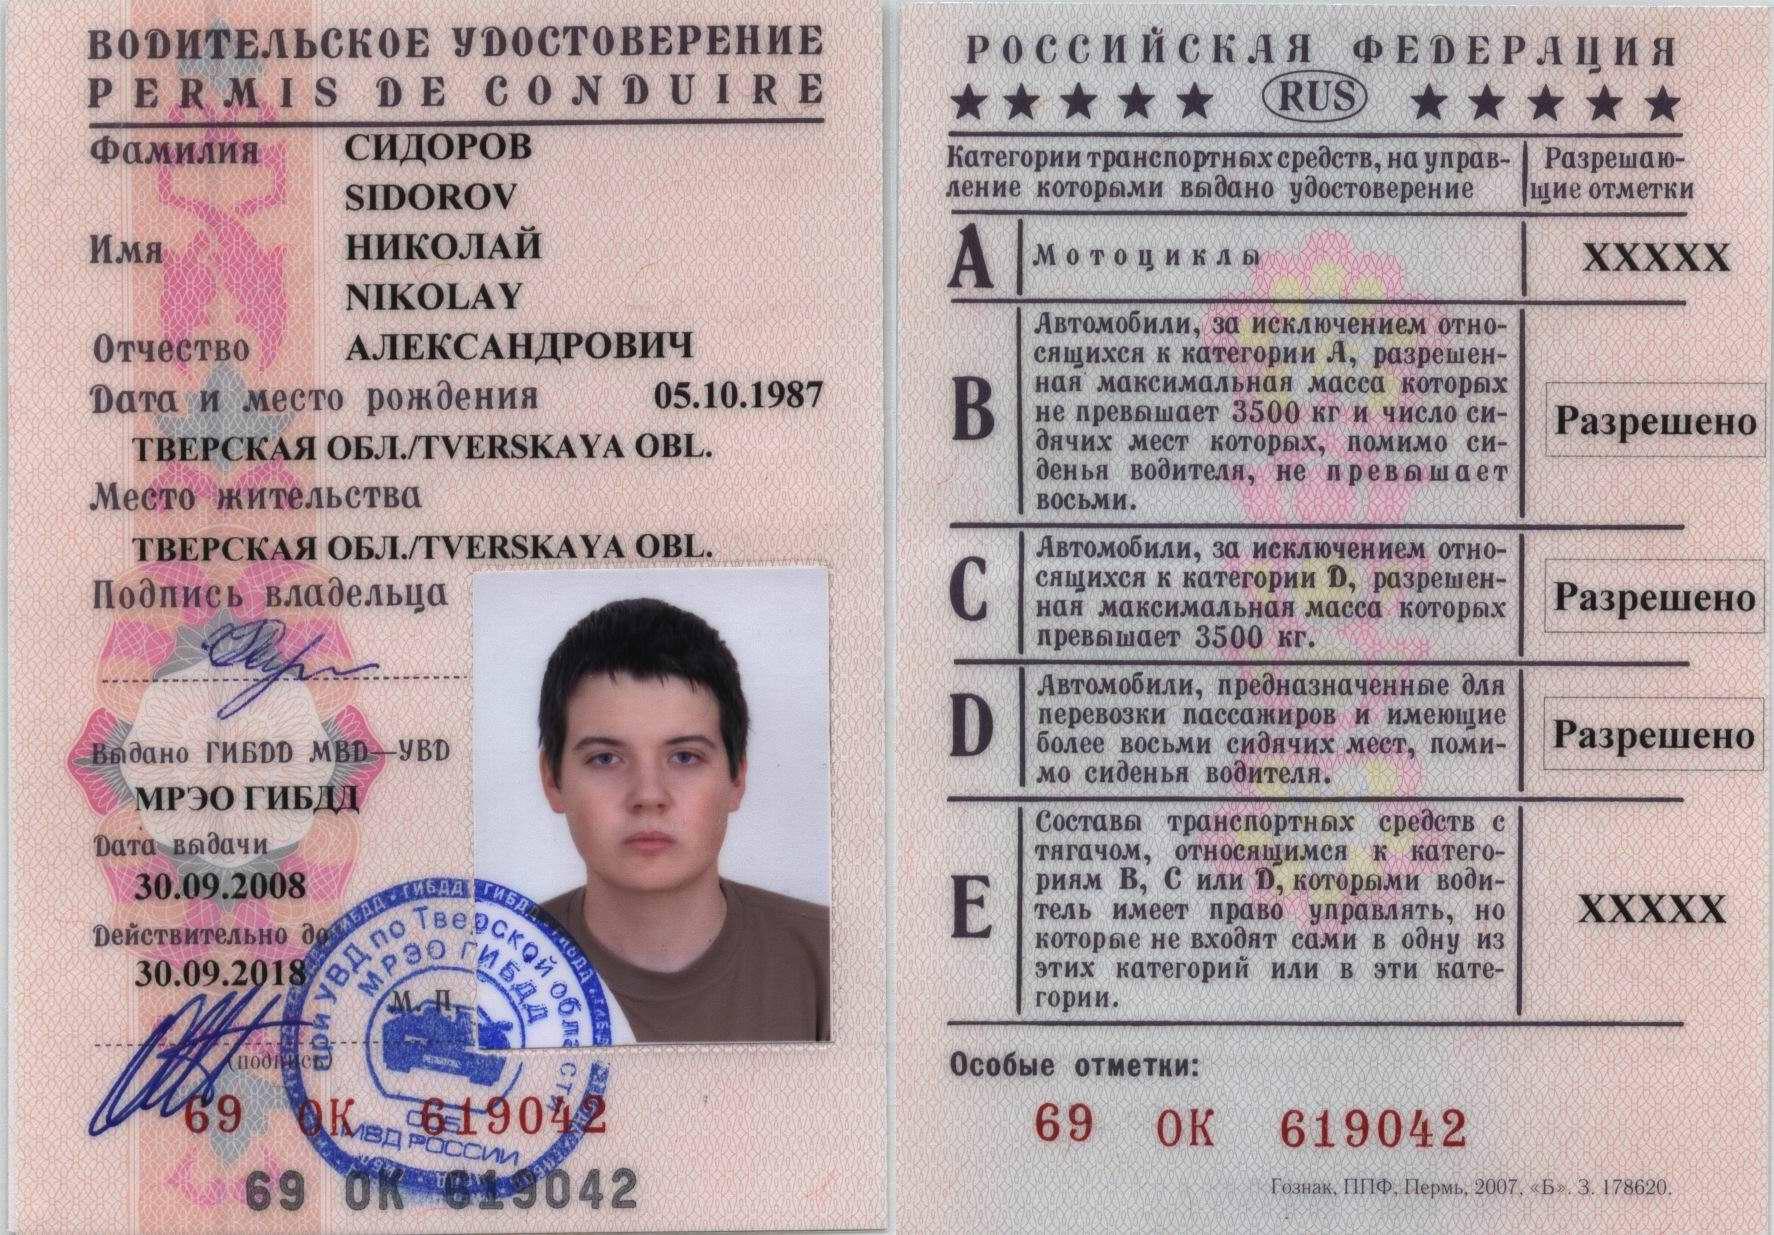 бланк удостоверения сотрудника полиции